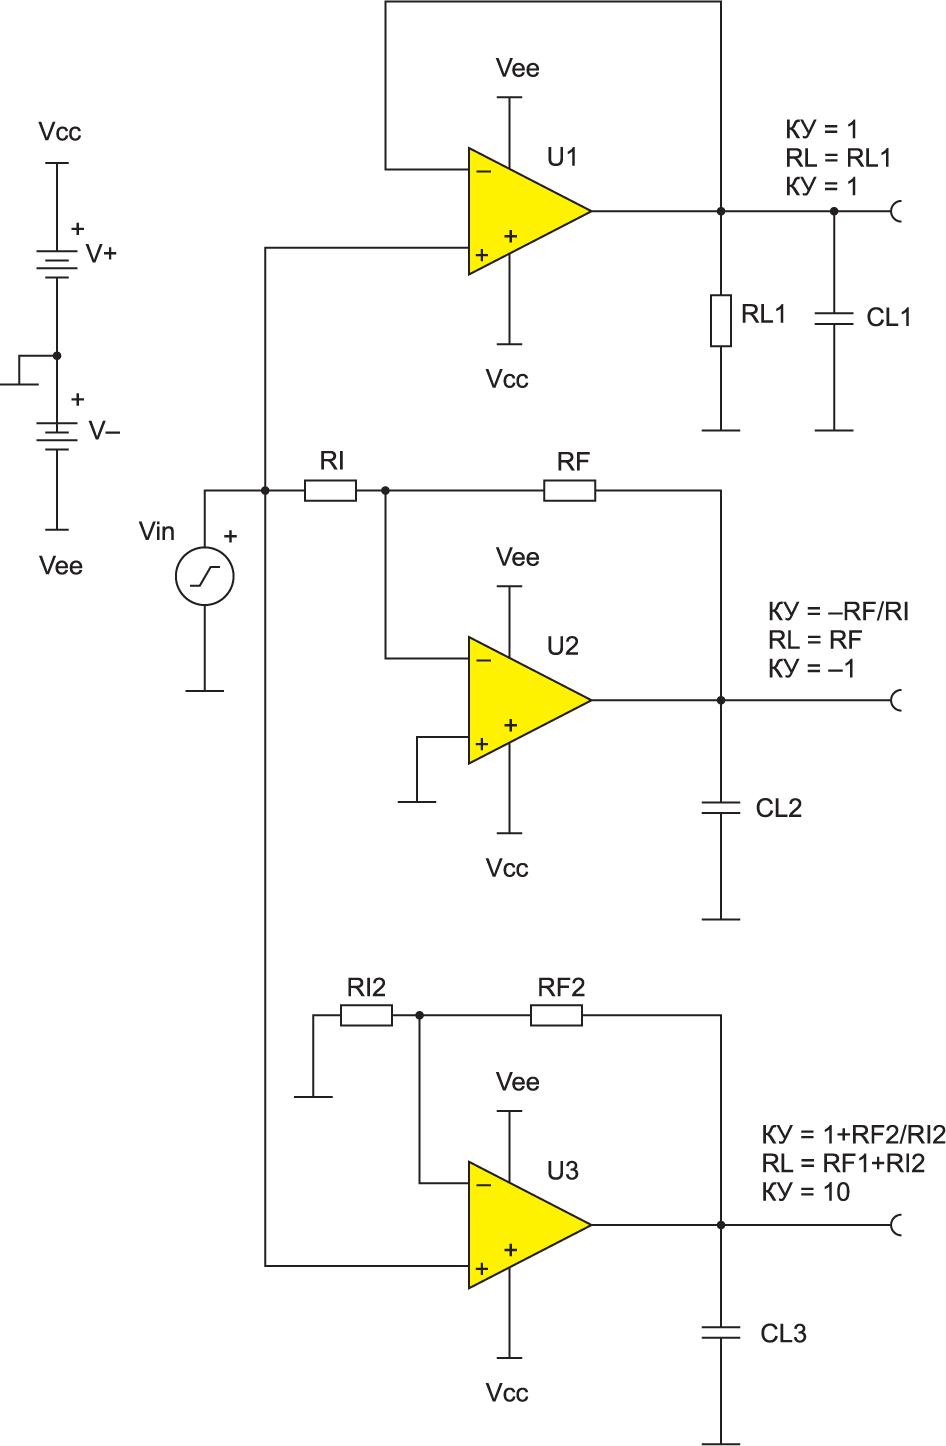 Схема для тестирования схемы с замкнутой ОС